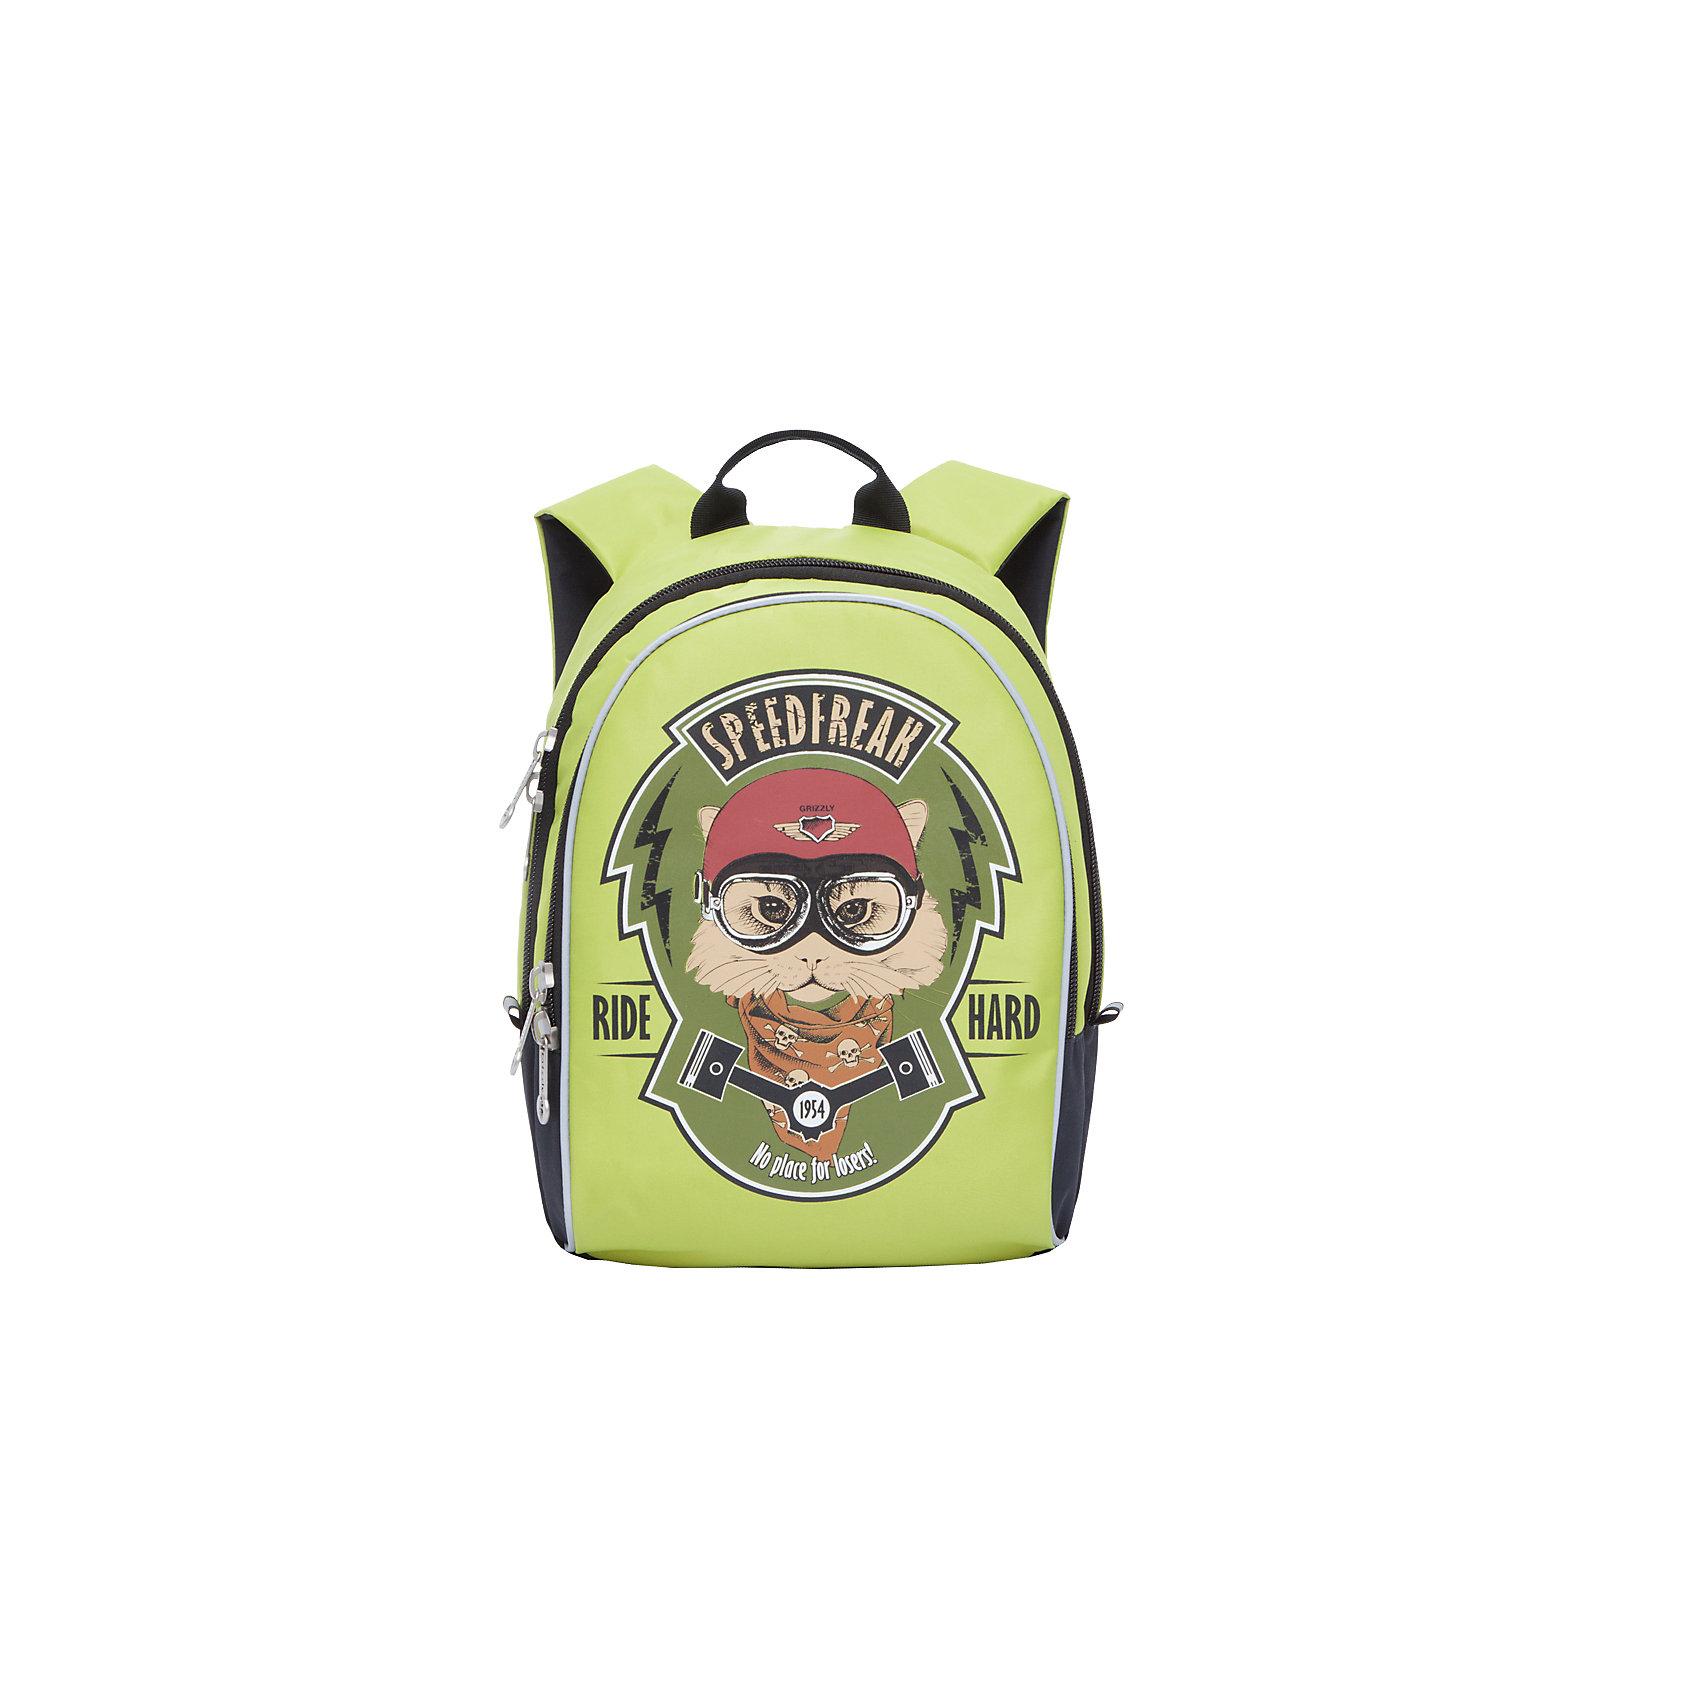 Grizzly рюкзак детский 2 отделенияРюкзаки<br>Рюкзак , два отделения, внутренний карман, укрепленная спинка, дополнительная ручка-петля, укрепленные лямки, светоотражающие элементы с четырех сторон.<br>Вес, г: 398<br>Размер, см: 29х38х18<br>Состав: Нейлон<br>Наличие светоотражающих элементов:  да<br>Материал: Нейлон<br>Спина:  полужесткая<br>Наличие дополнительных карманов внутри:  да<br>Дно выбрать:  Мягкое<br>Количество отделений внутри:  2<br>Боковые карманы: нет<br>Замок:  Молния<br>Вмещает А4:  да<br><br>Ширина мм: 290<br>Глубина мм: 180<br>Высота мм: 380<br>Вес г: 398<br>Возраст от месяцев: 60<br>Возраст до месяцев: 84<br>Пол: Мужской<br>Возраст: Детский<br>SKU: 6727459